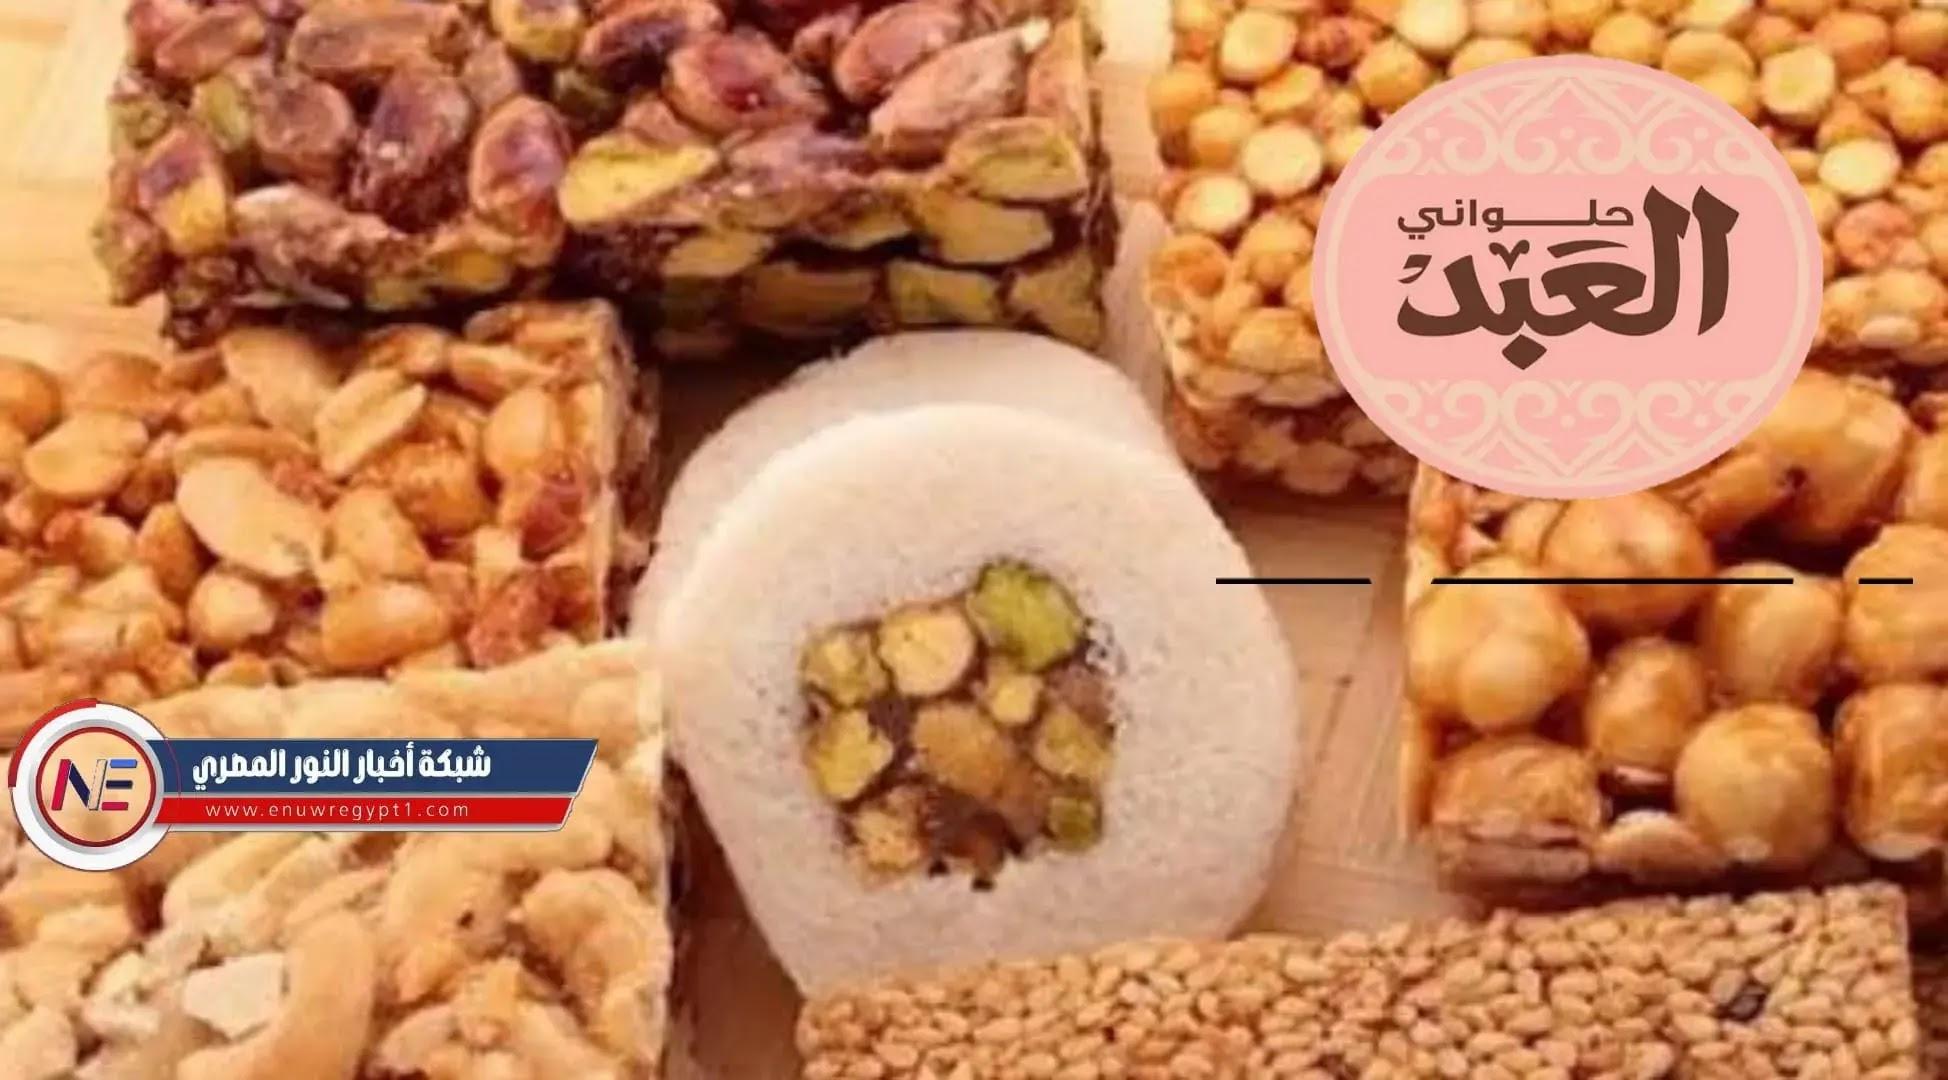 أسعار حلاوة المولد العبد ٢٠٢١ - سعر علبة حلوي المولد عند حلواني العبد 2021